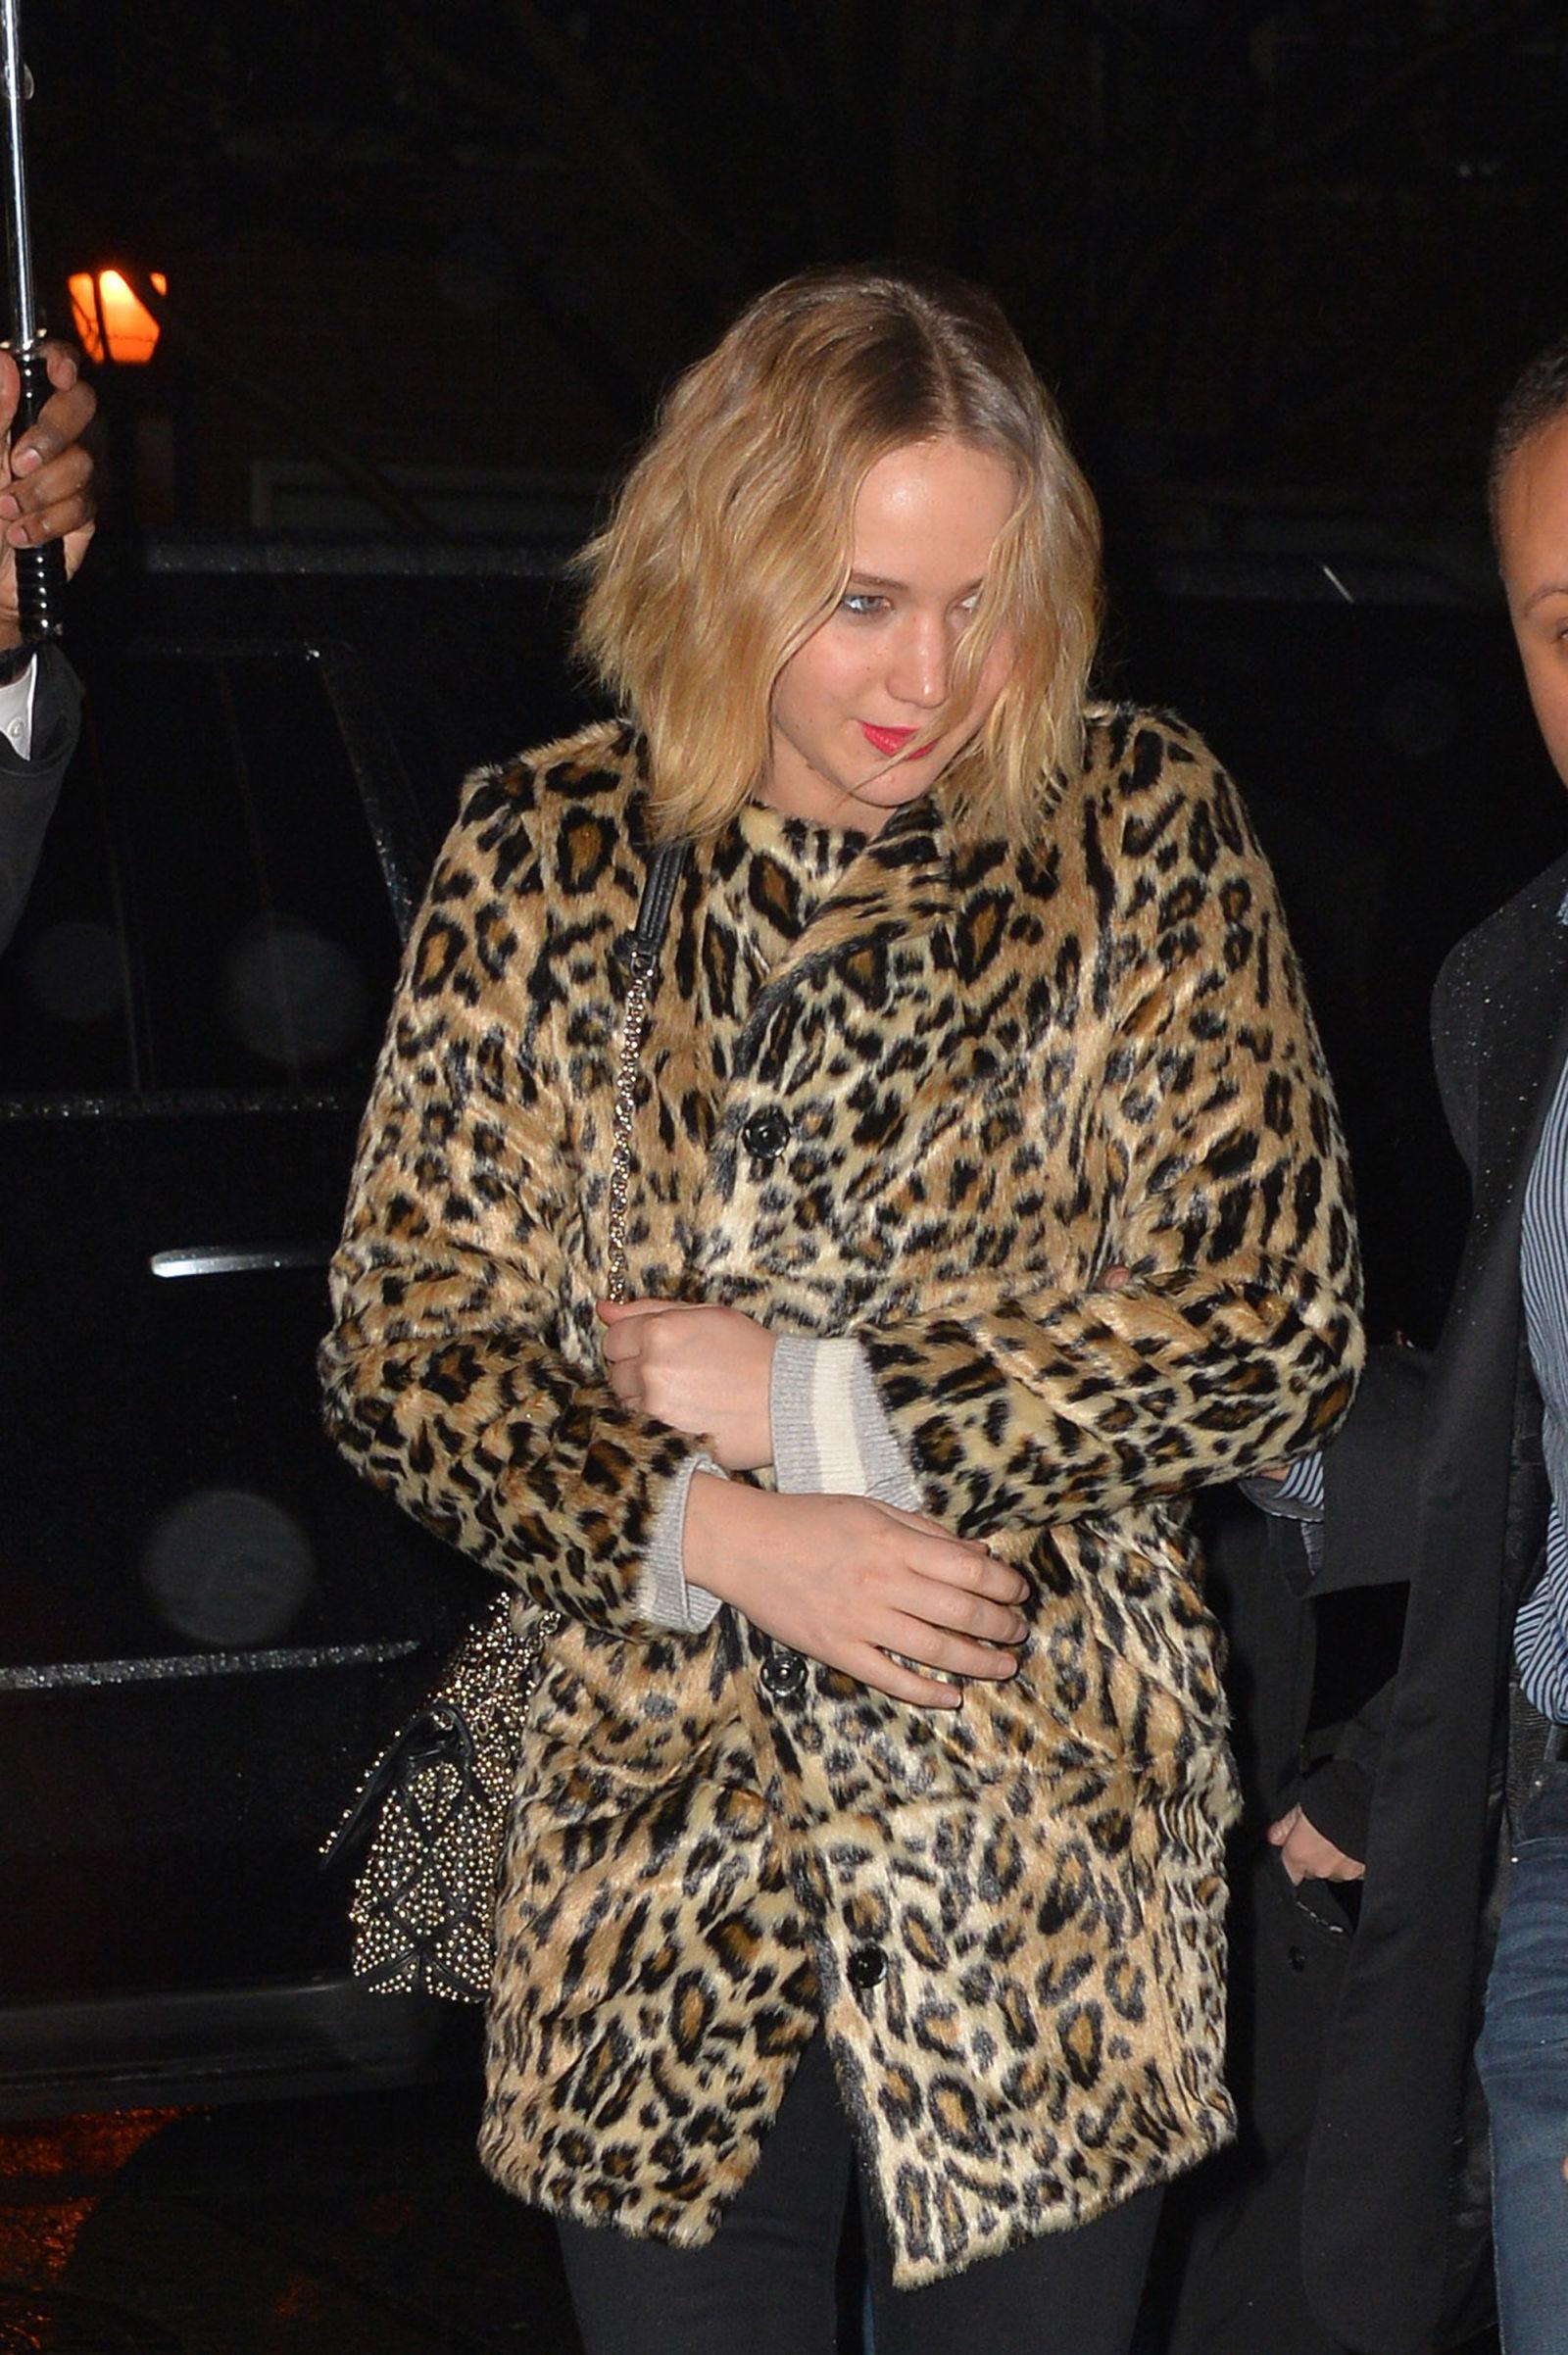 Jennifer Lawrence Wears High Street Faux Fur Coat For Trip